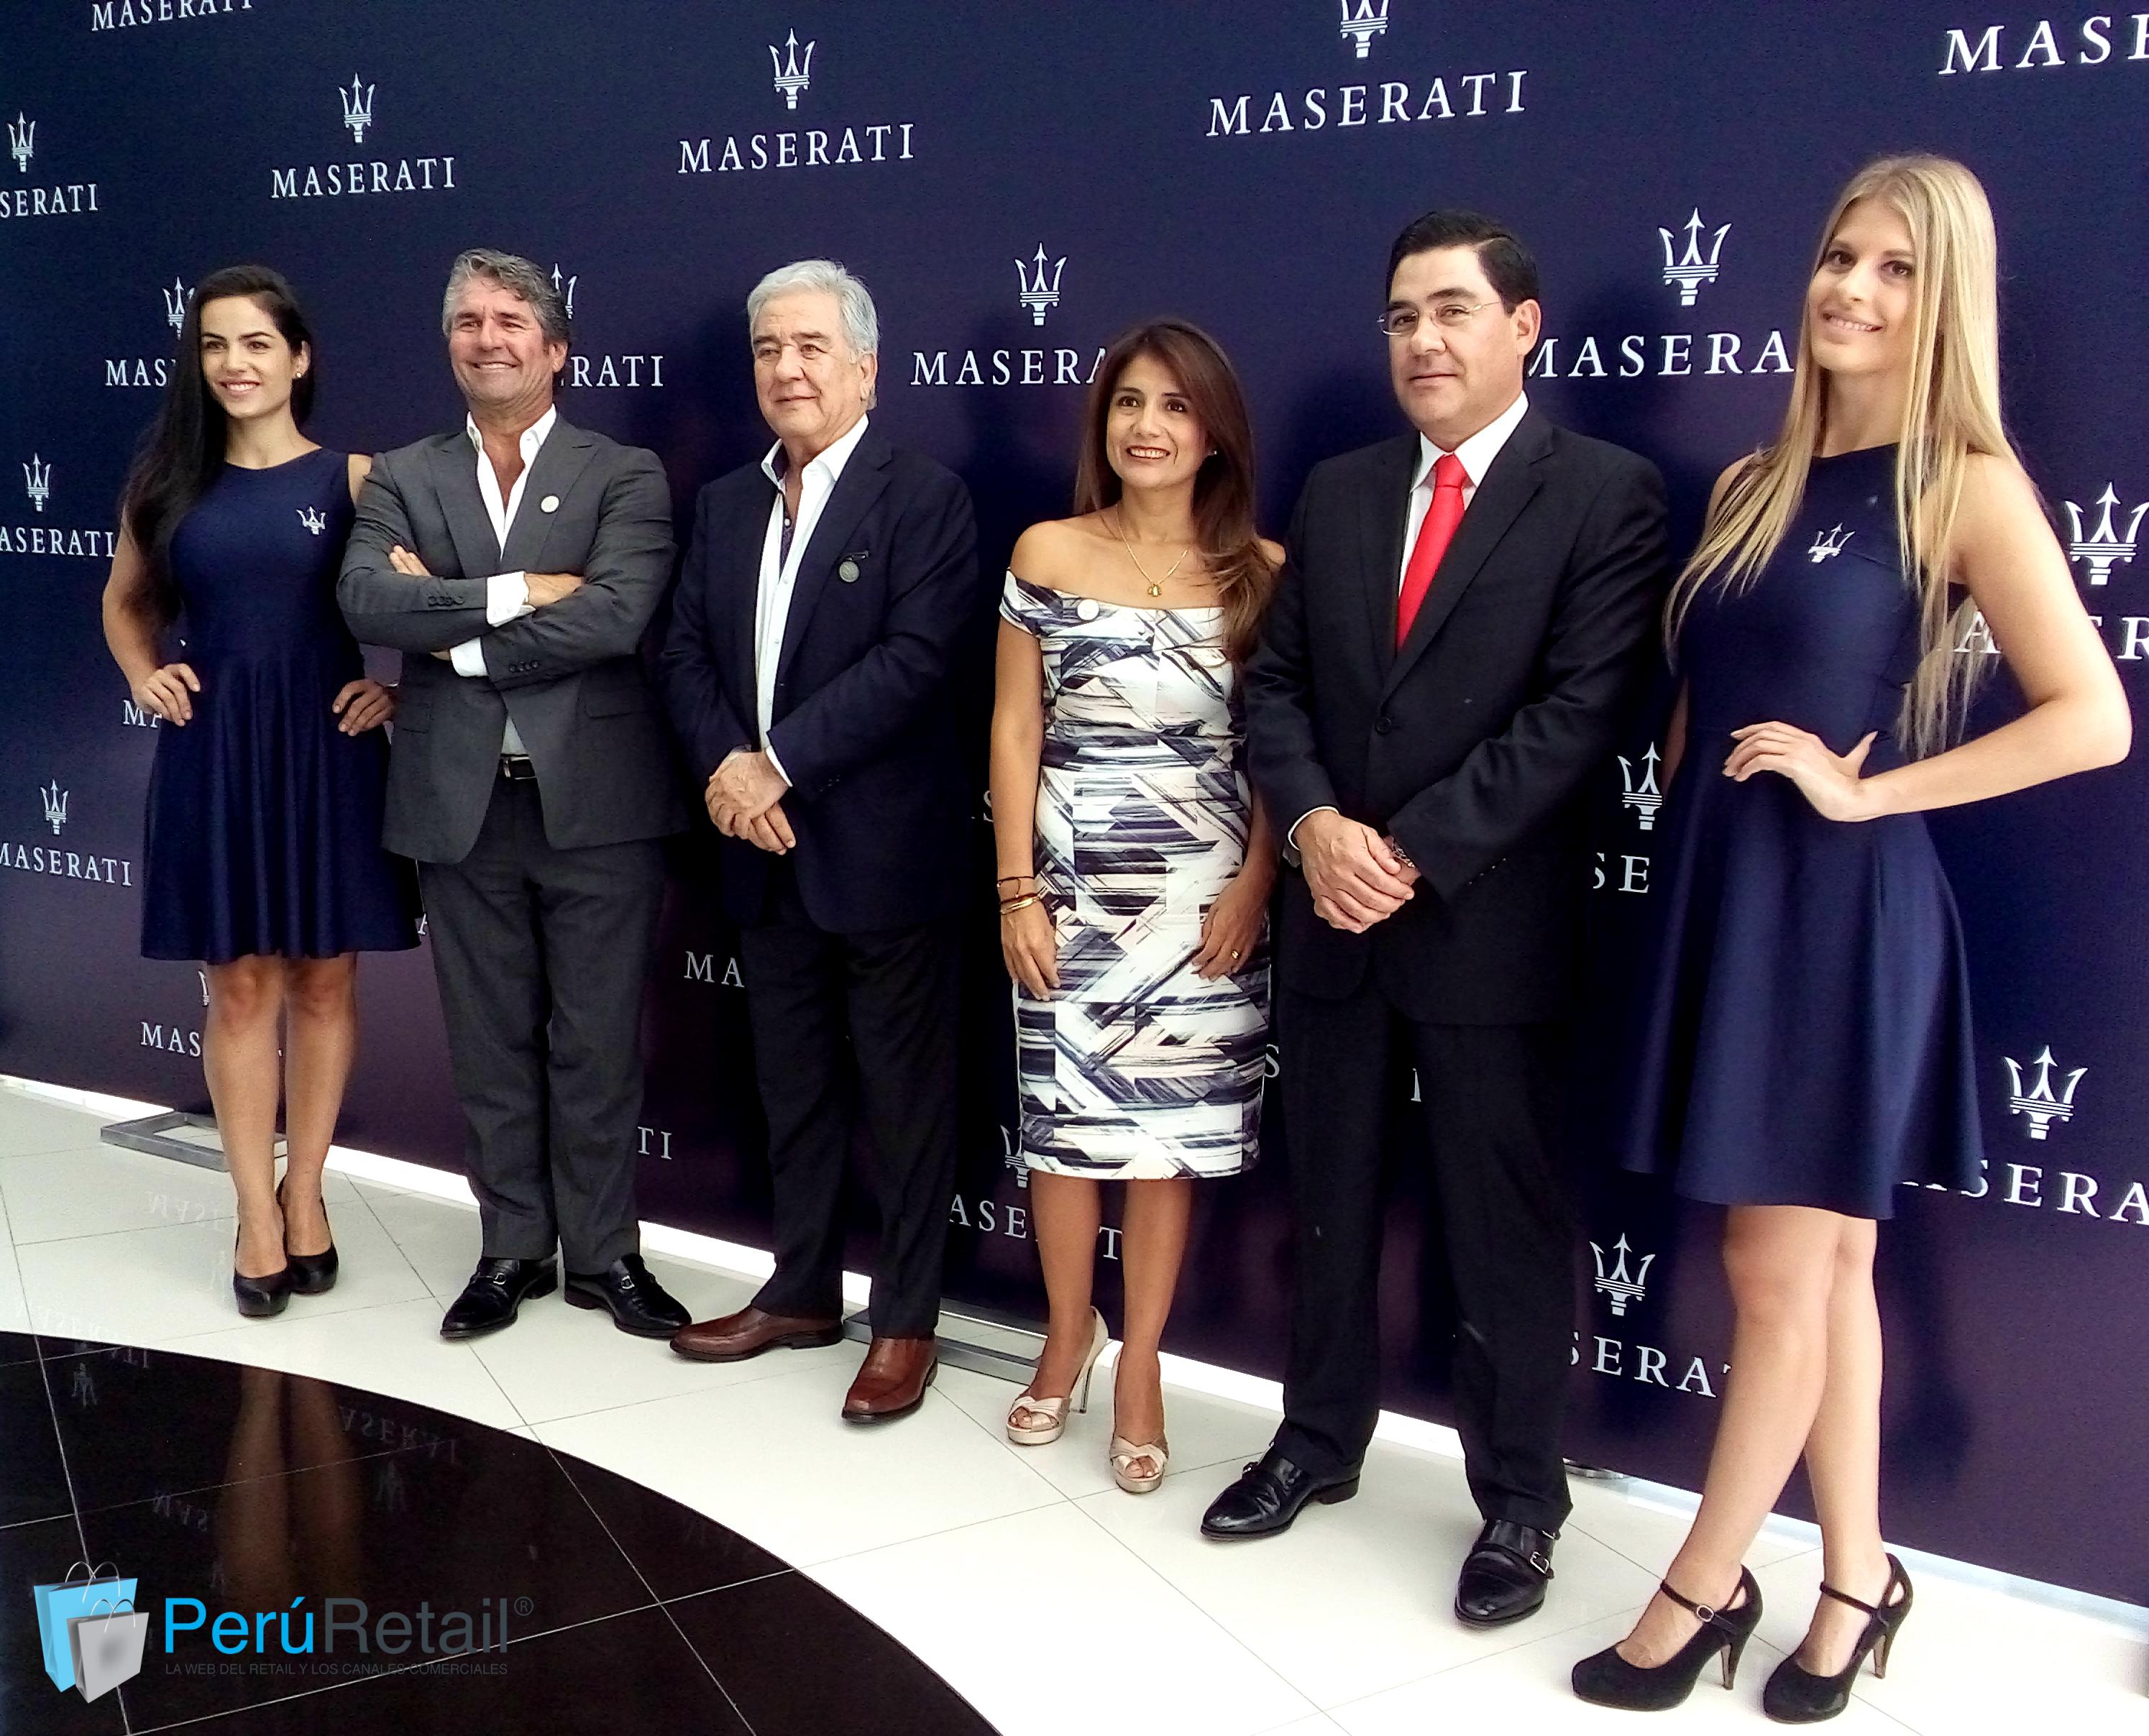 Maserati2 - Maserati invierte US$ 6 millones en Perú para abrir su showroom más grande de la región